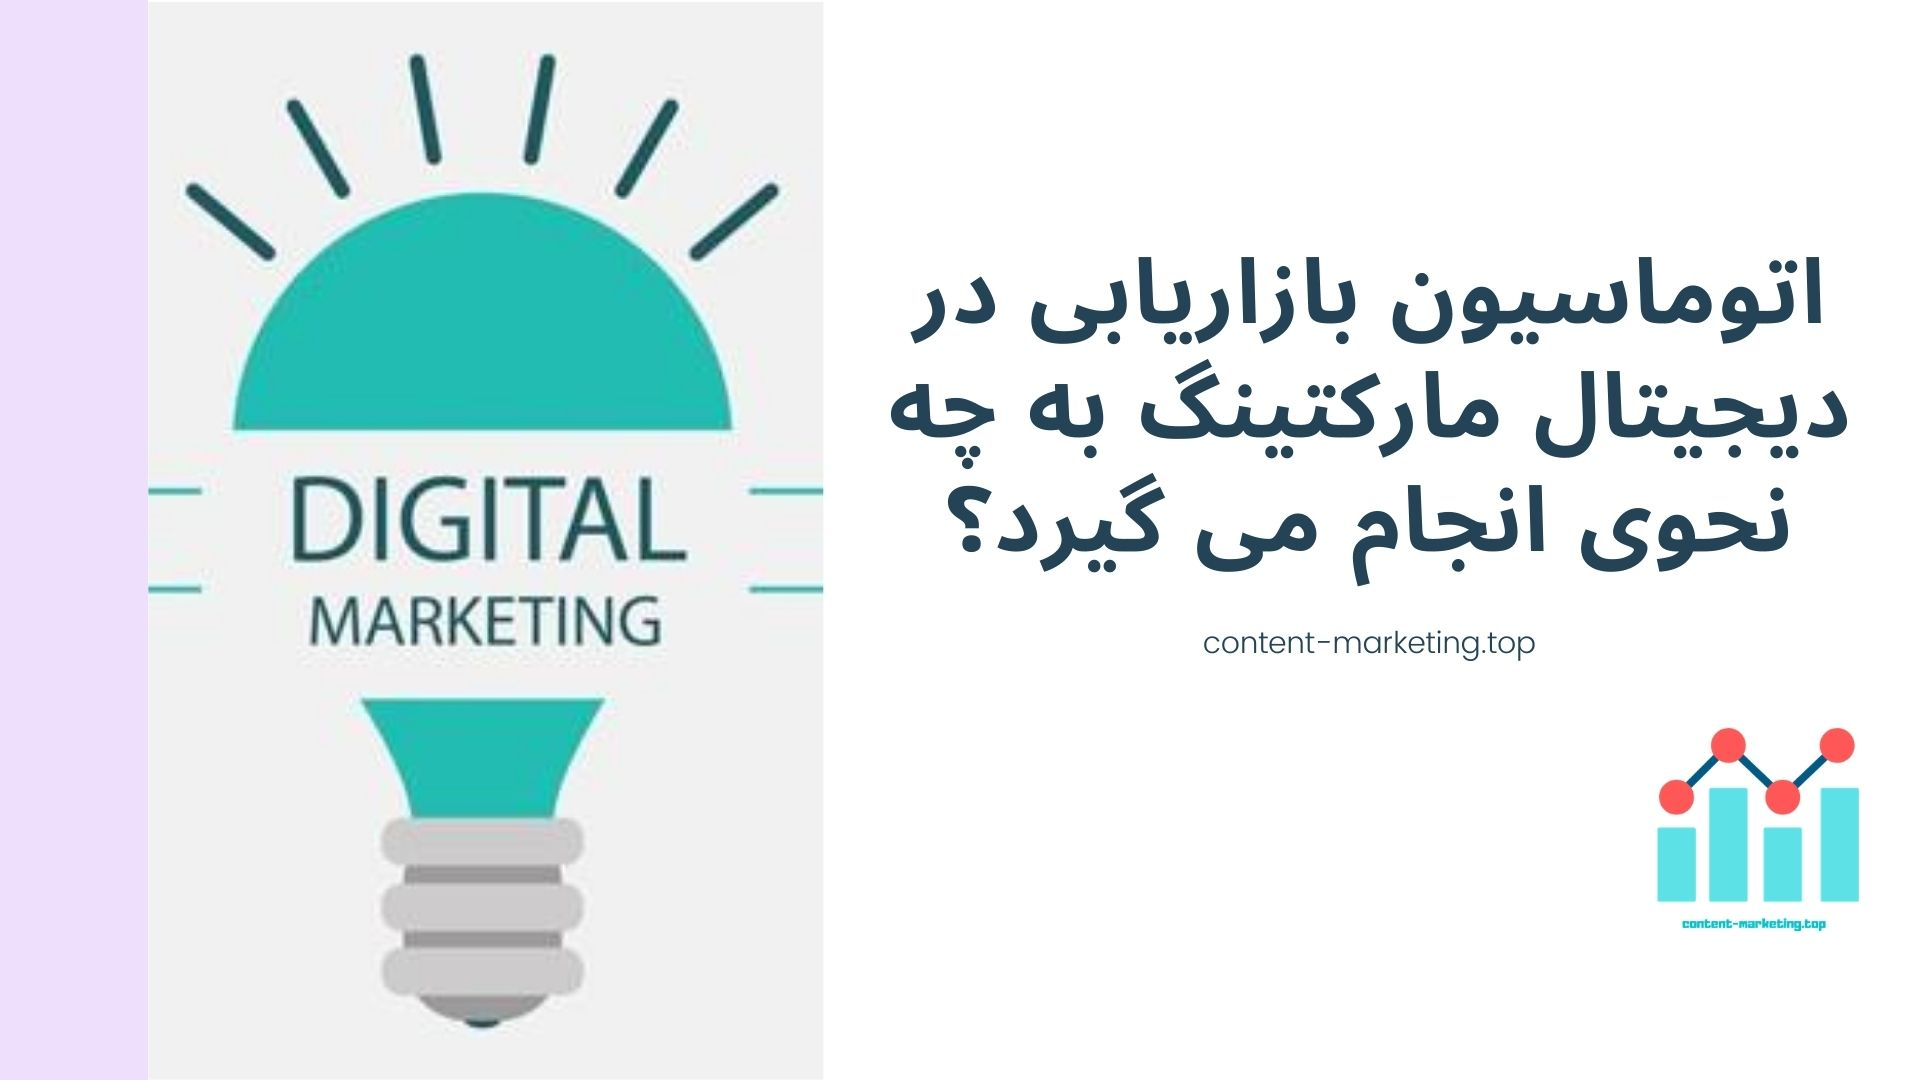 اتوماسیون بازاریابی در دیجیتال مارکتینگ به چه نحوی انجام می گیرد؟